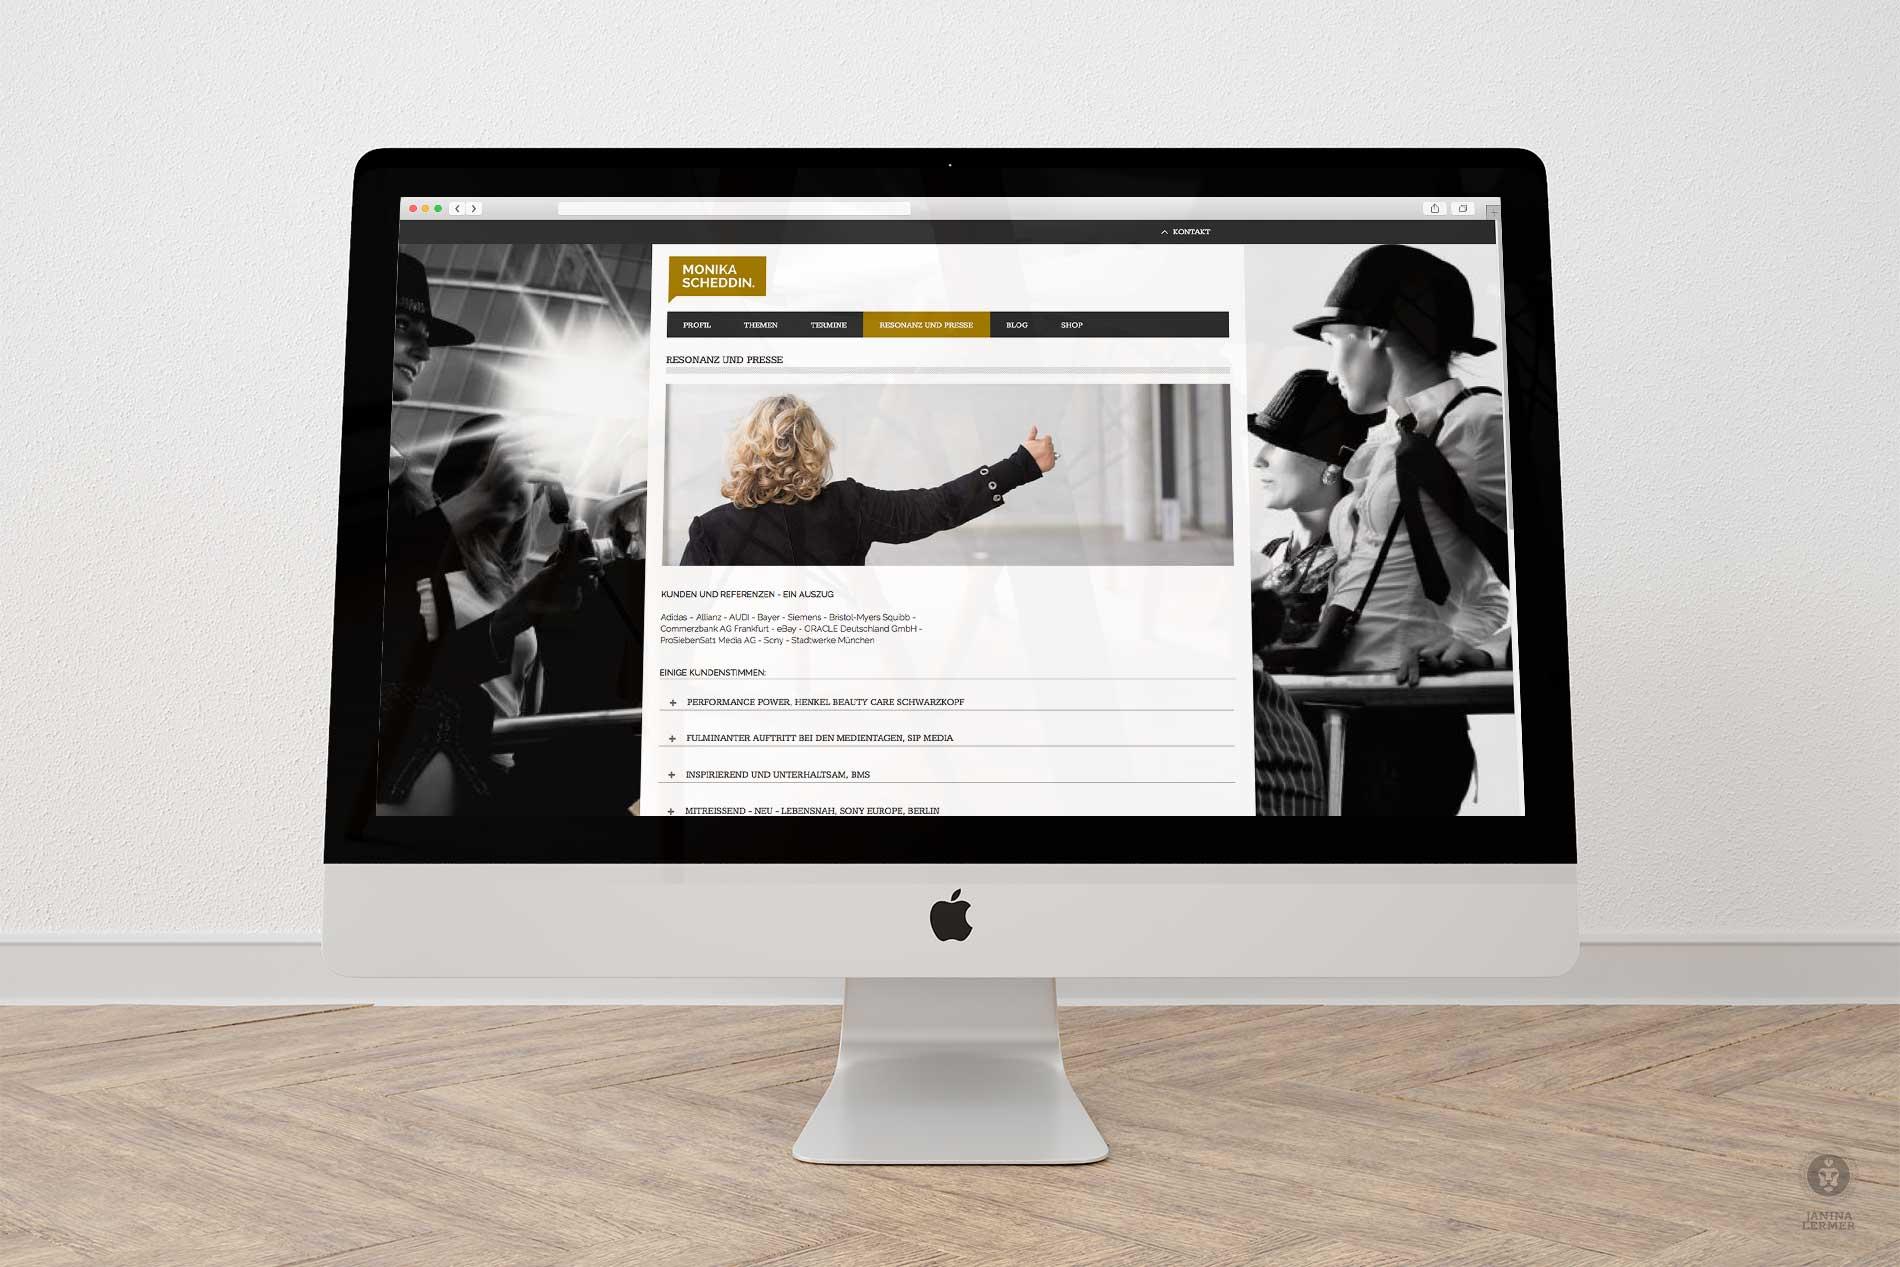 Janina-Lermer-Webseitengestaltung-Webdesign-Presse-Press-Coach-Monika-Scheddin